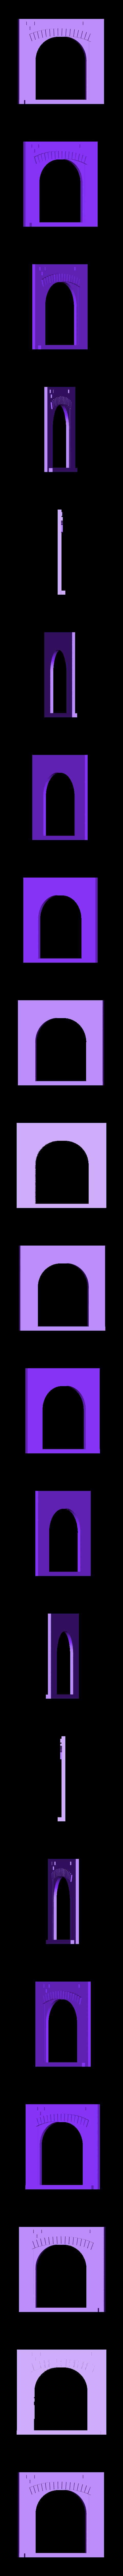 rnd_door_frame1.stl Télécharger fichier STL gratuit Ripper's London - The (Modular) Factory • Modèle pour imprimante 3D, Earsling